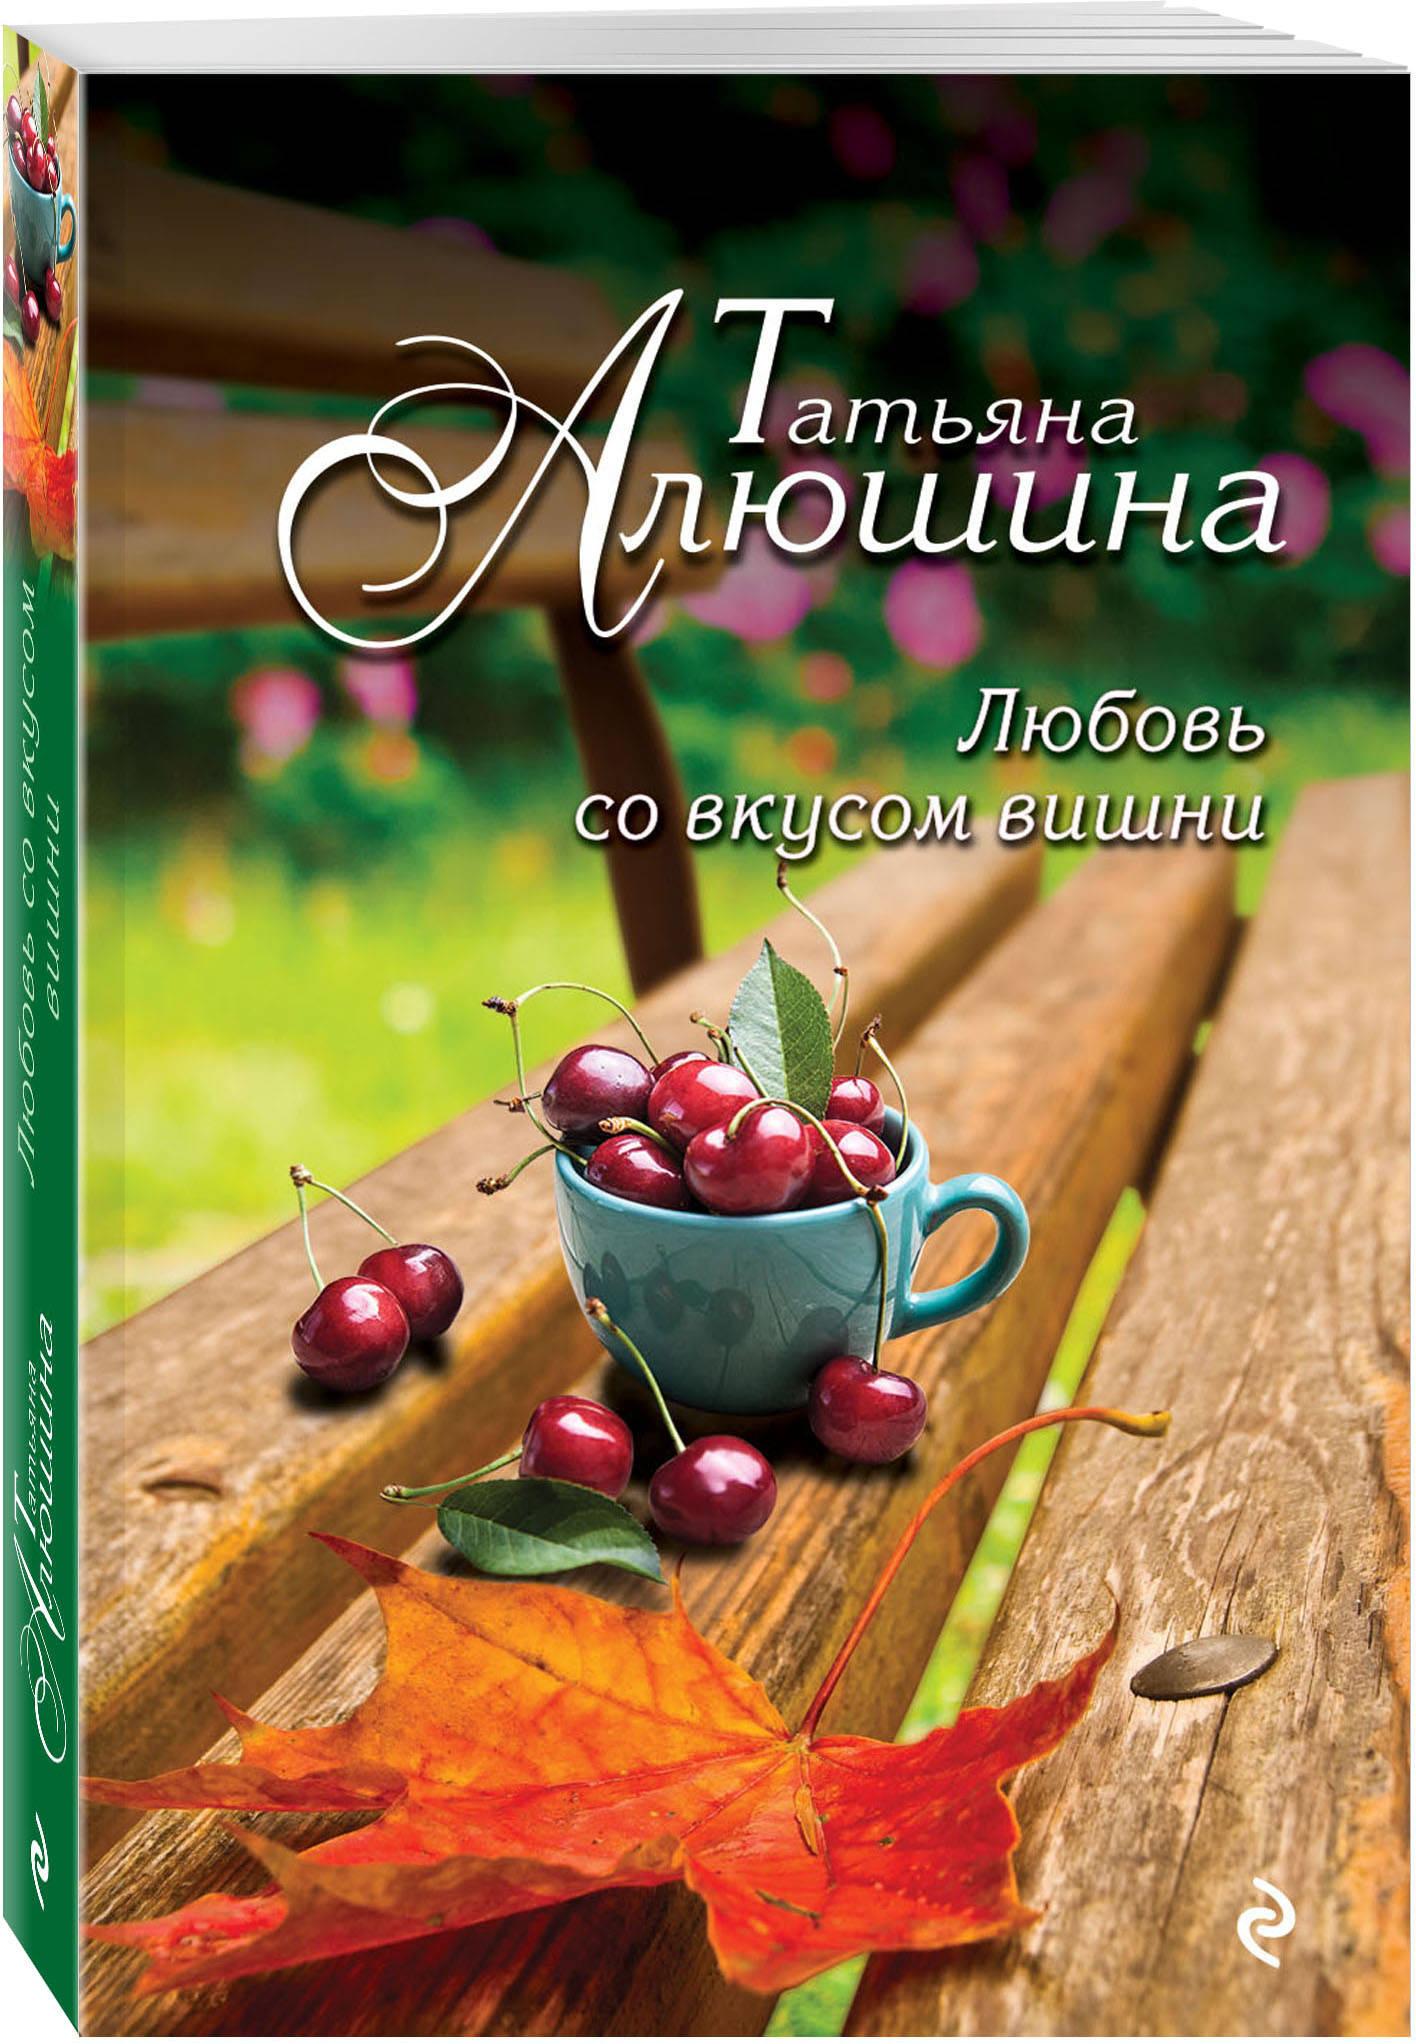 Алюшина Т.А. Любовь со вкусом вишни николай копылов ради женщин